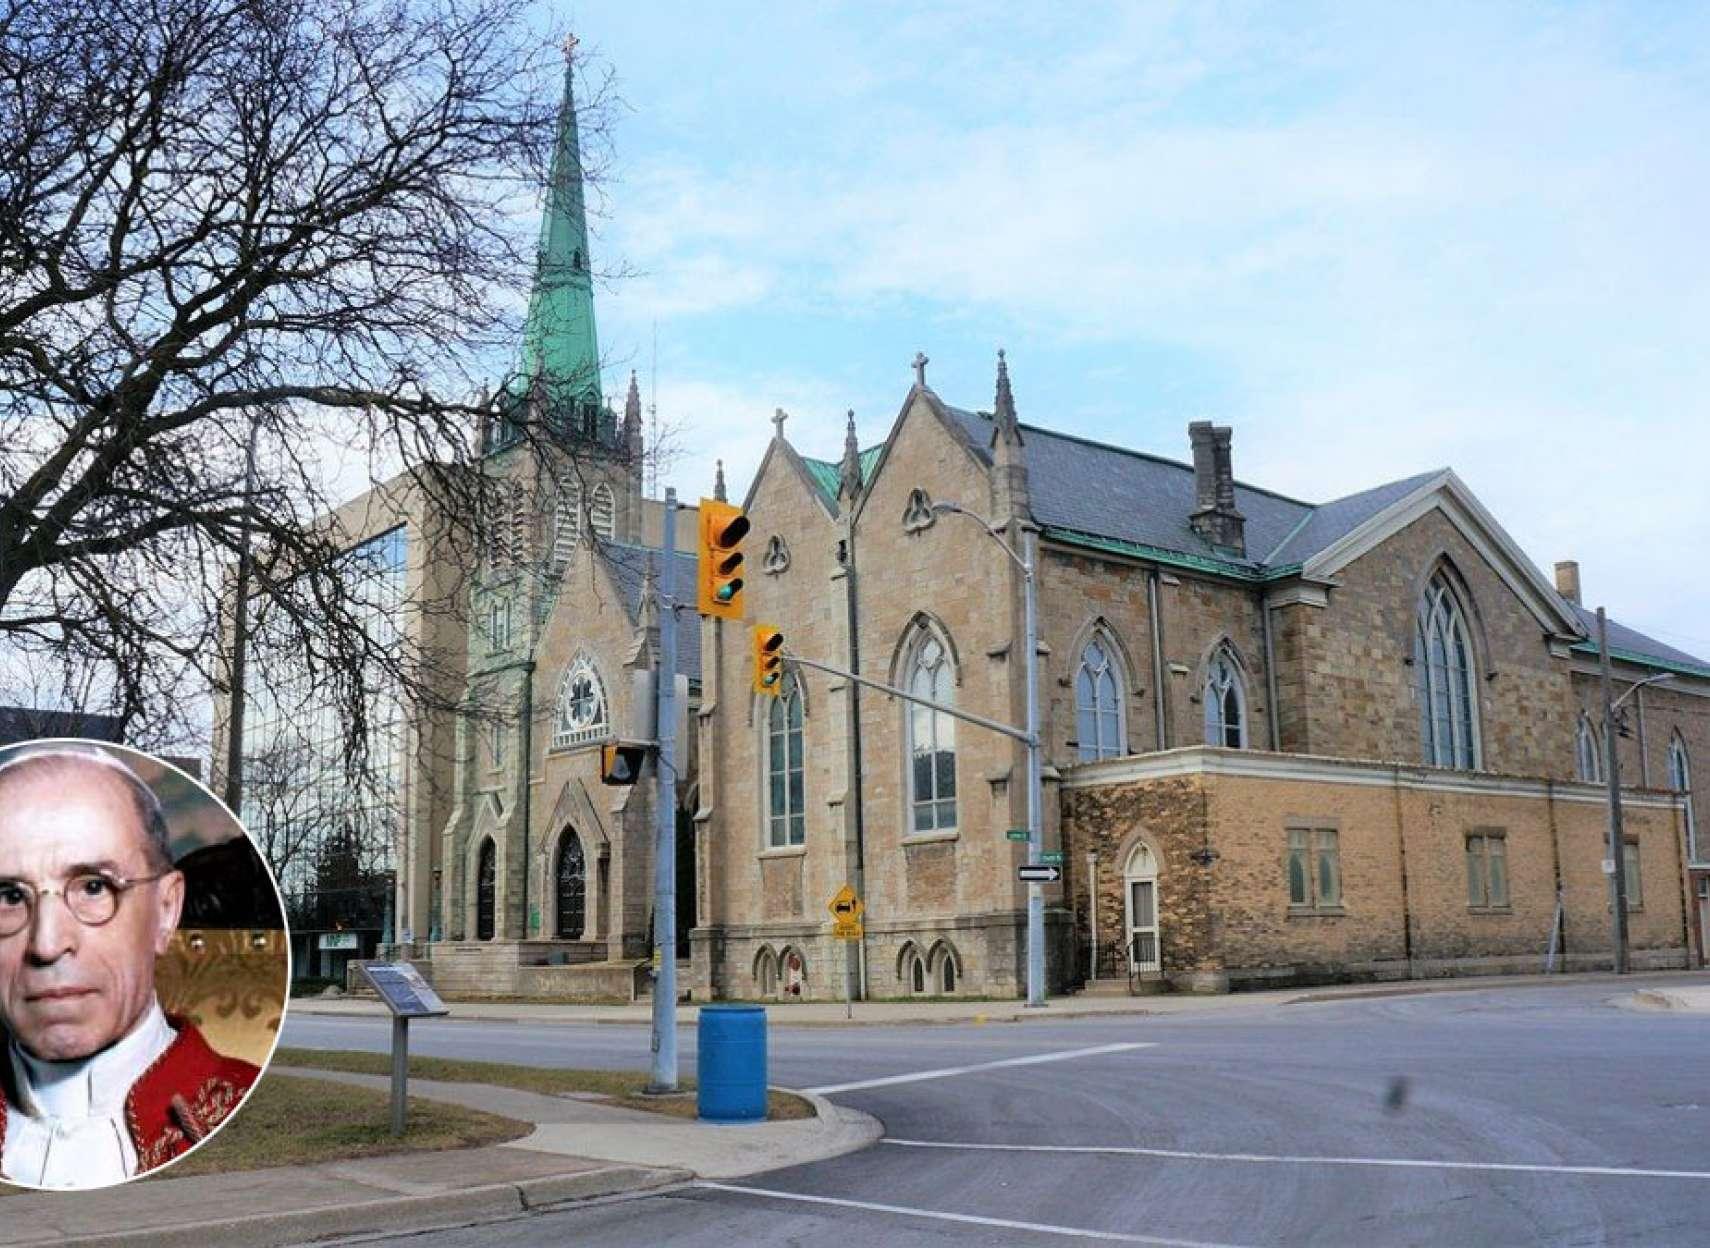 اخبار-تورنتو-التماس-کشیش-دزدها-اموال-غارت-کرده-را-پس-بیاورند